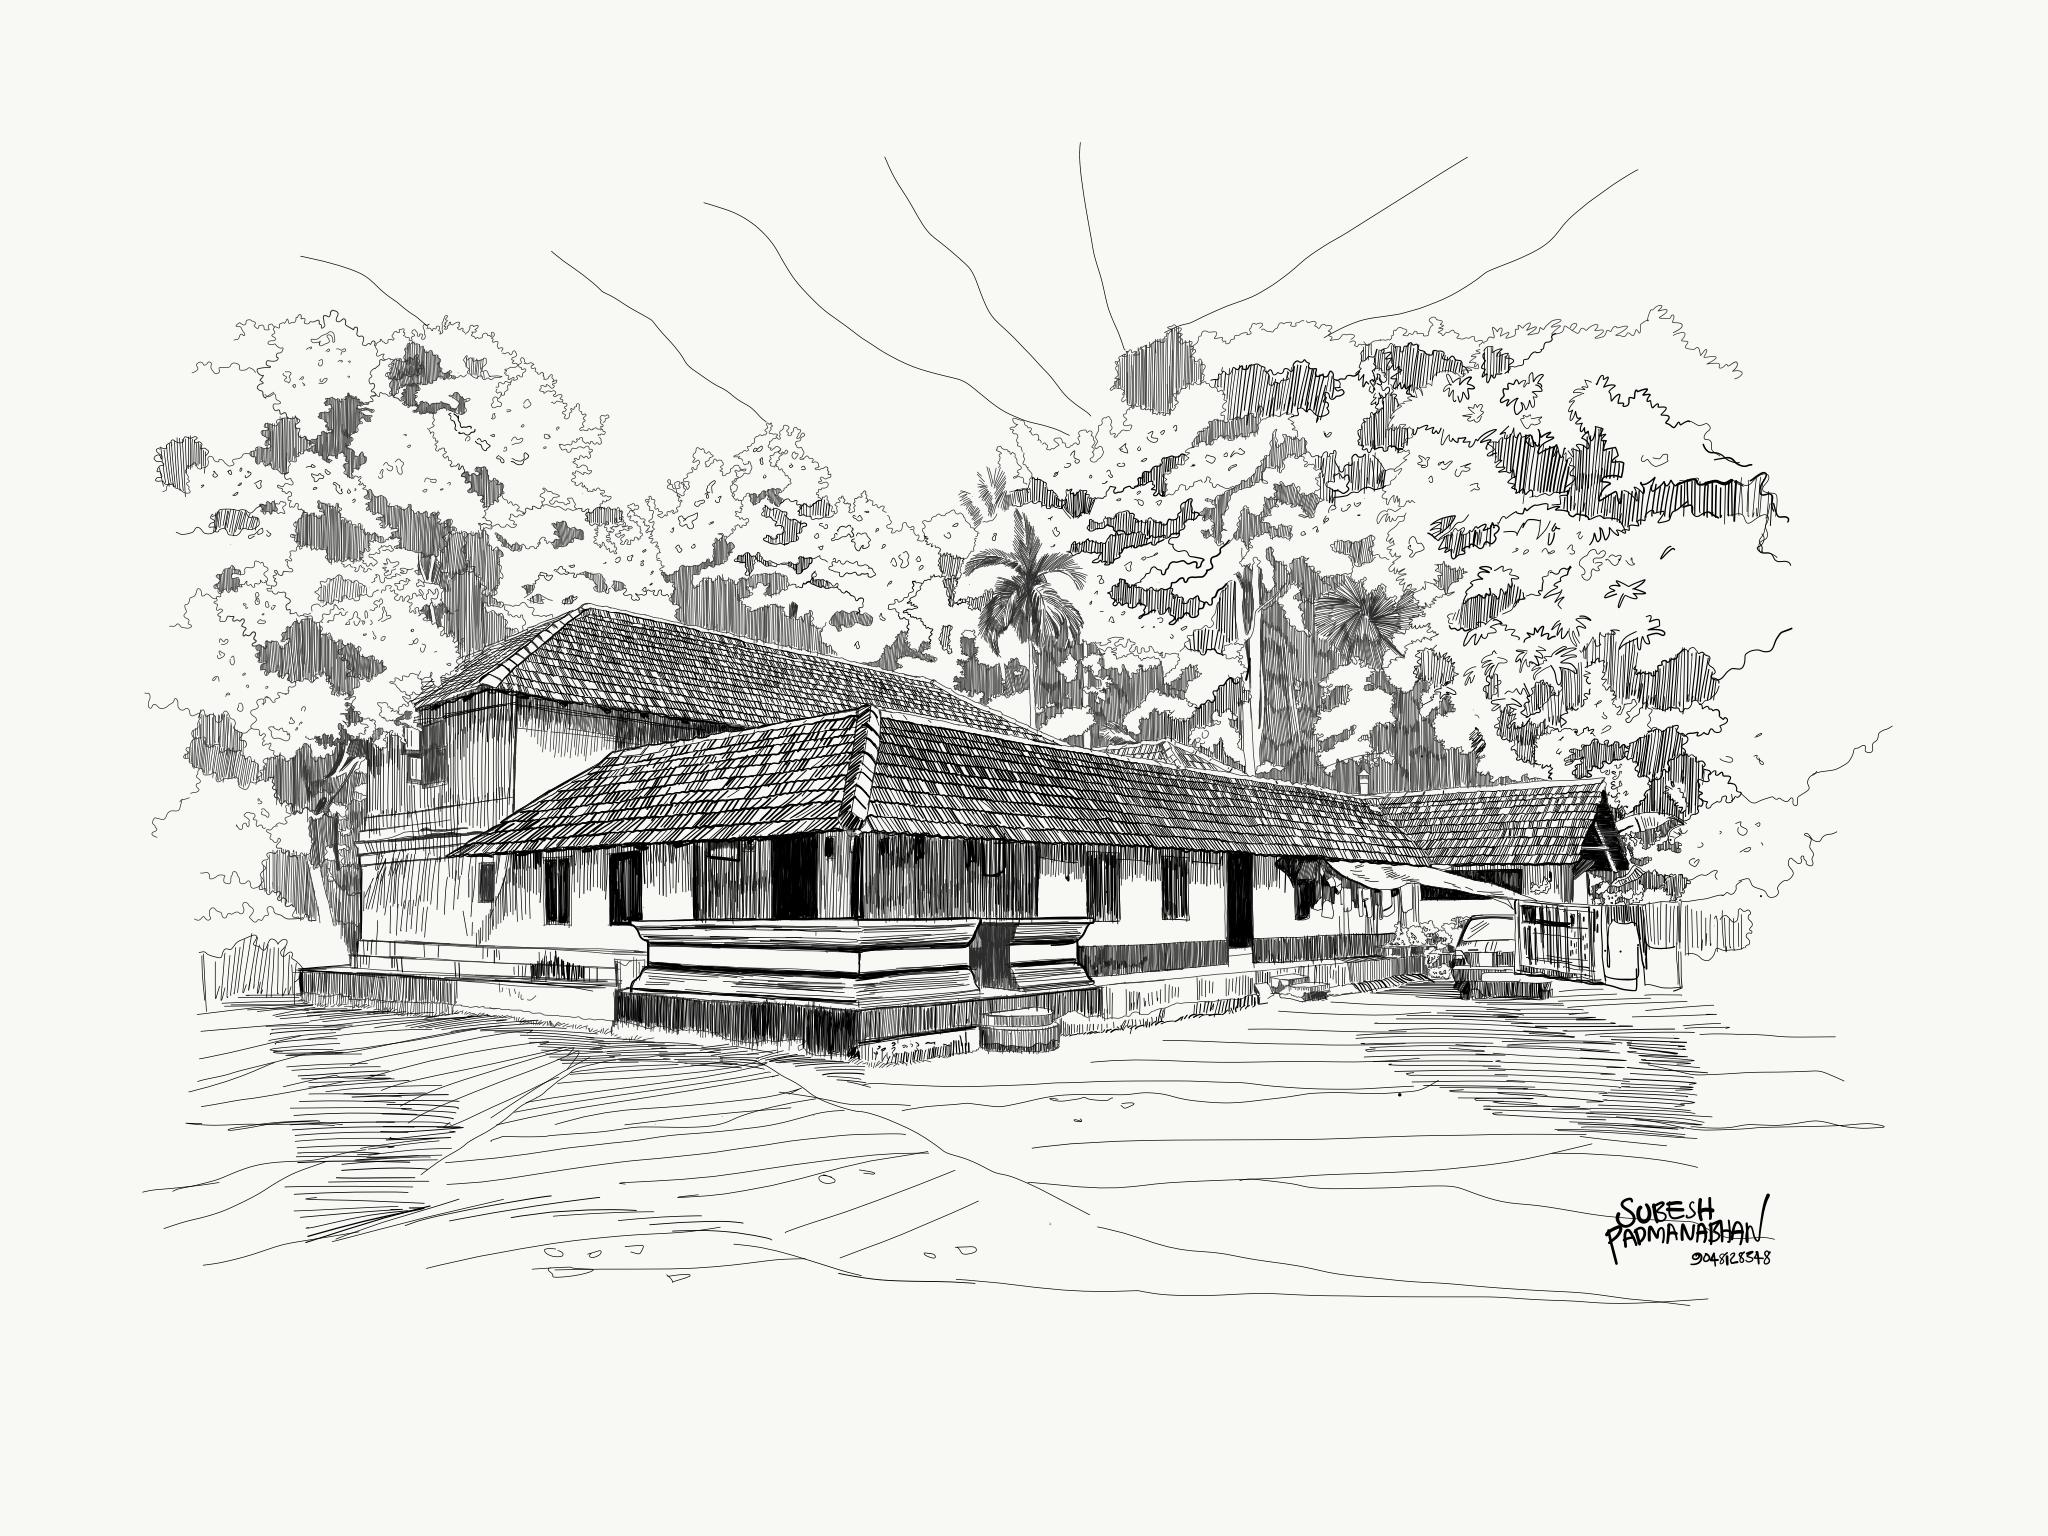 Artist Subesh Padmanabhan